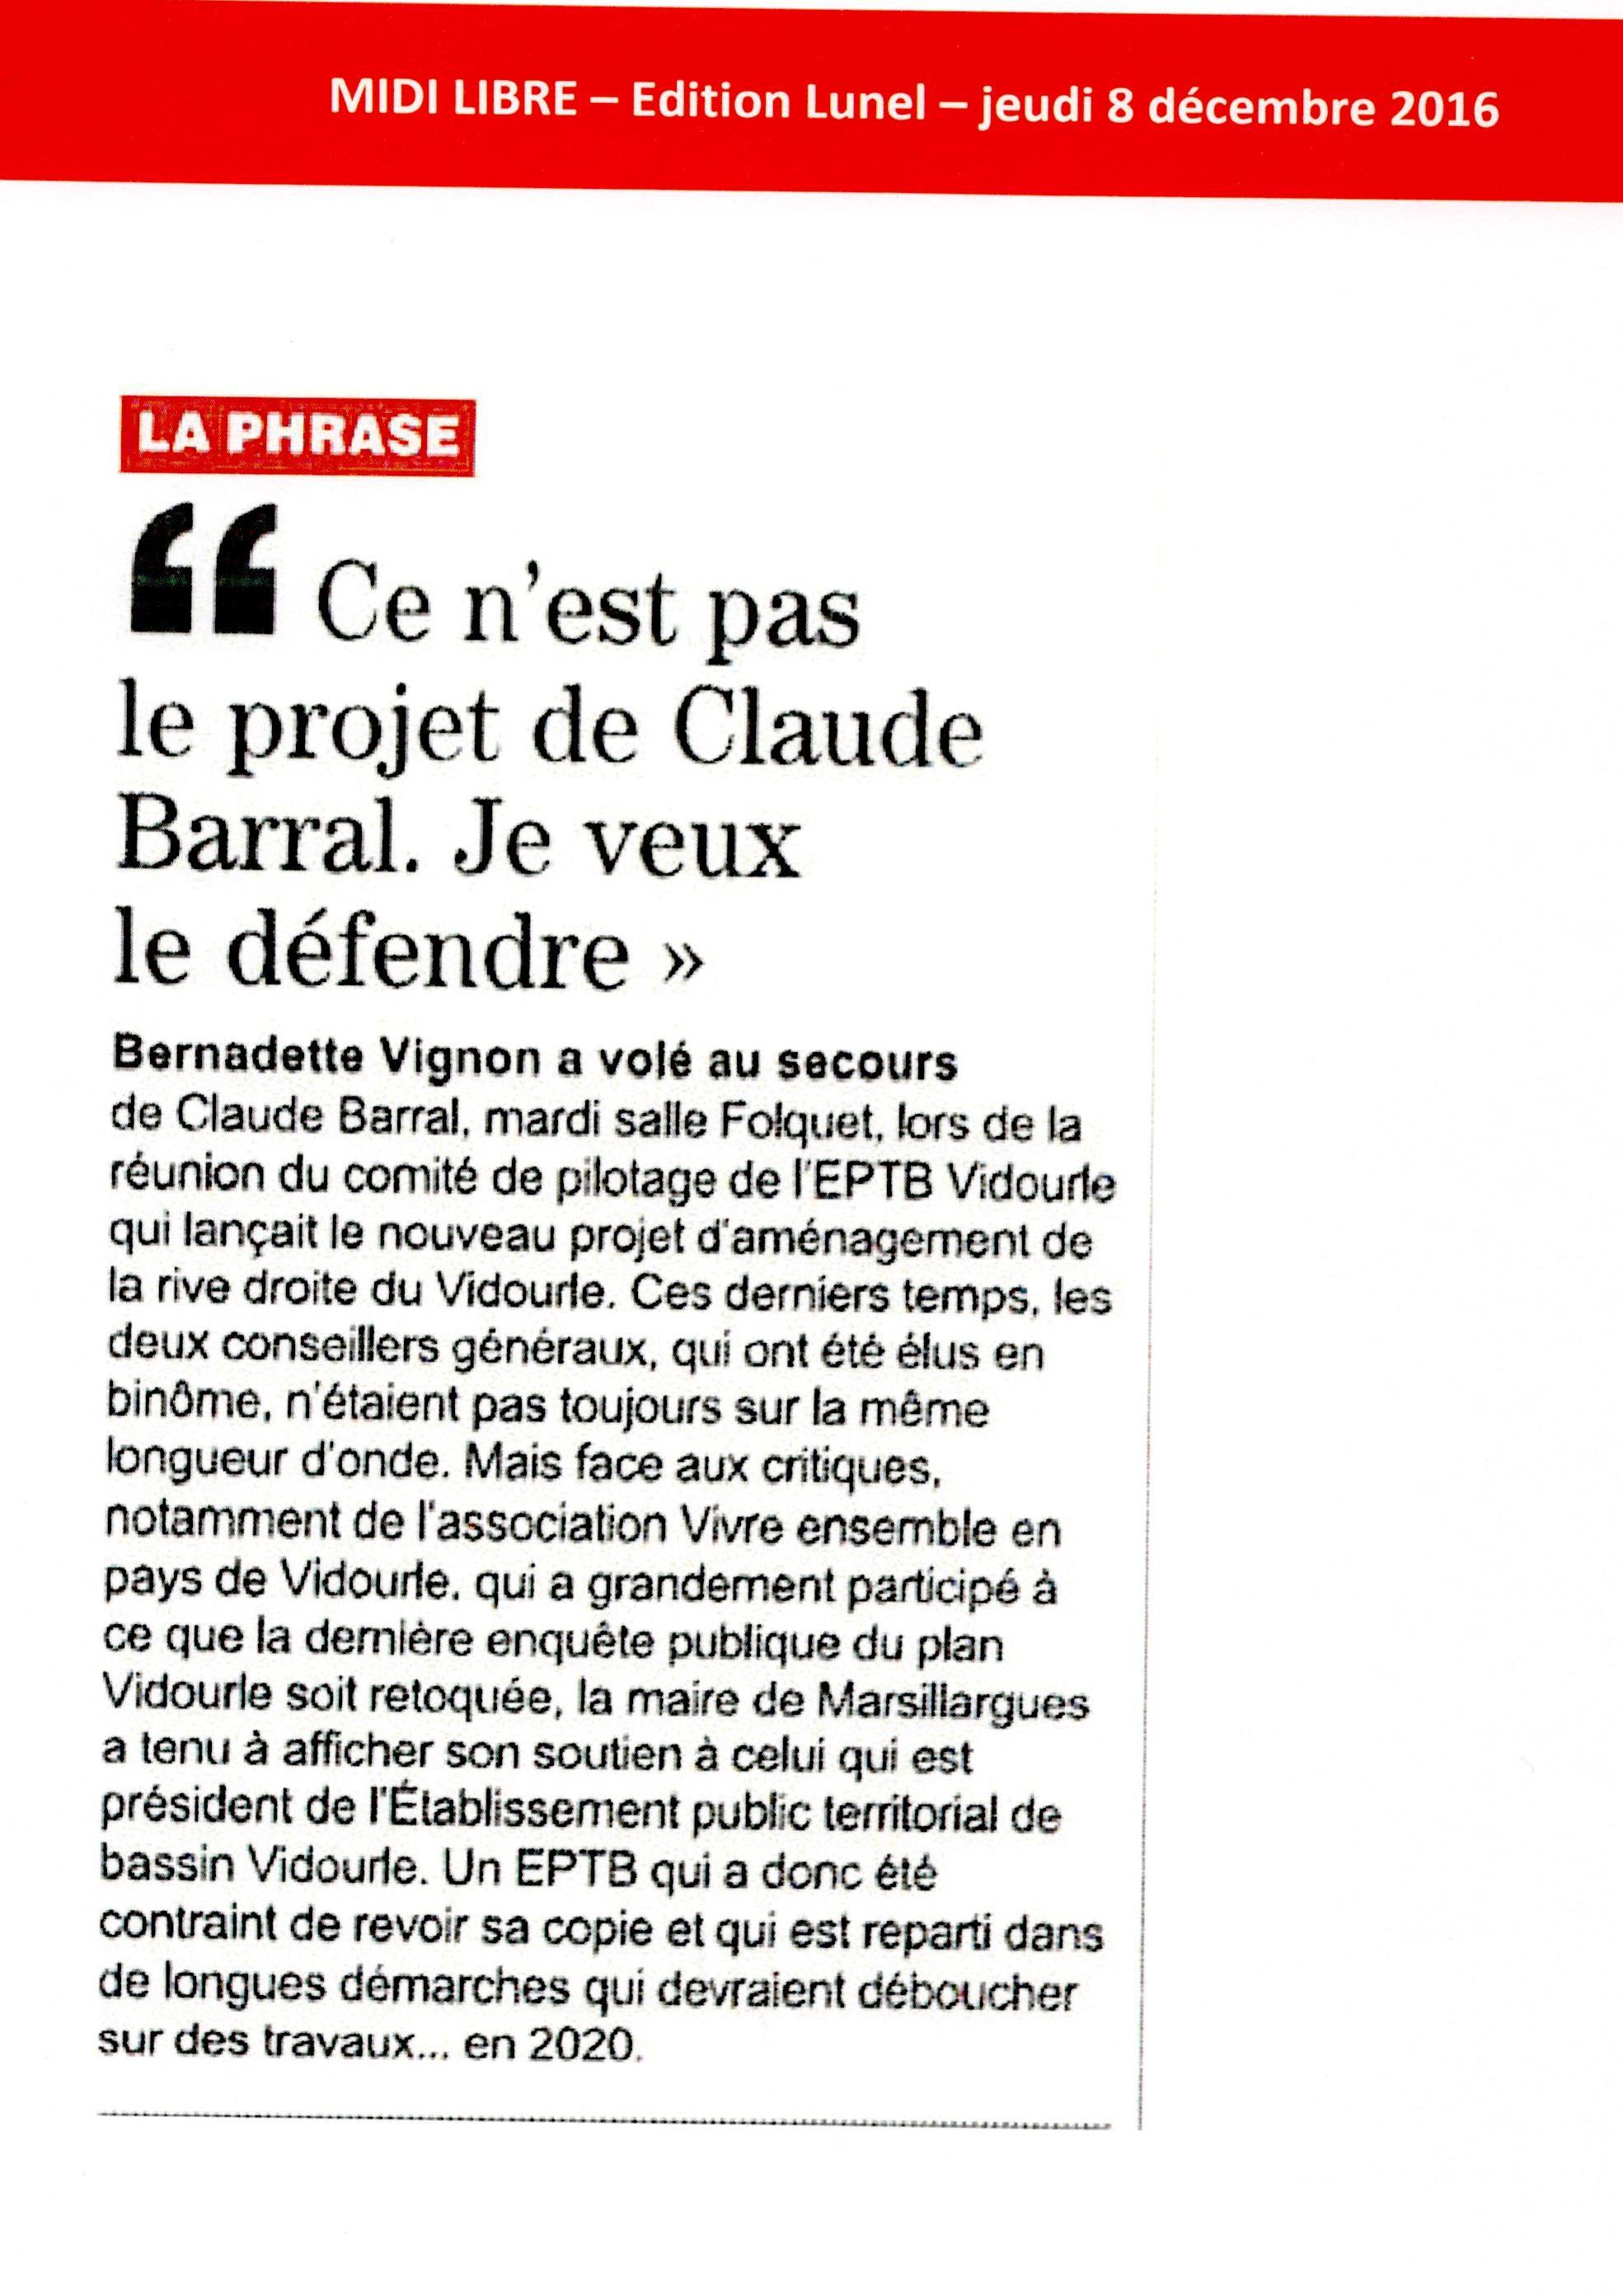 La Maire de Marsillargues affiche son soutien au Président de l'EPTB